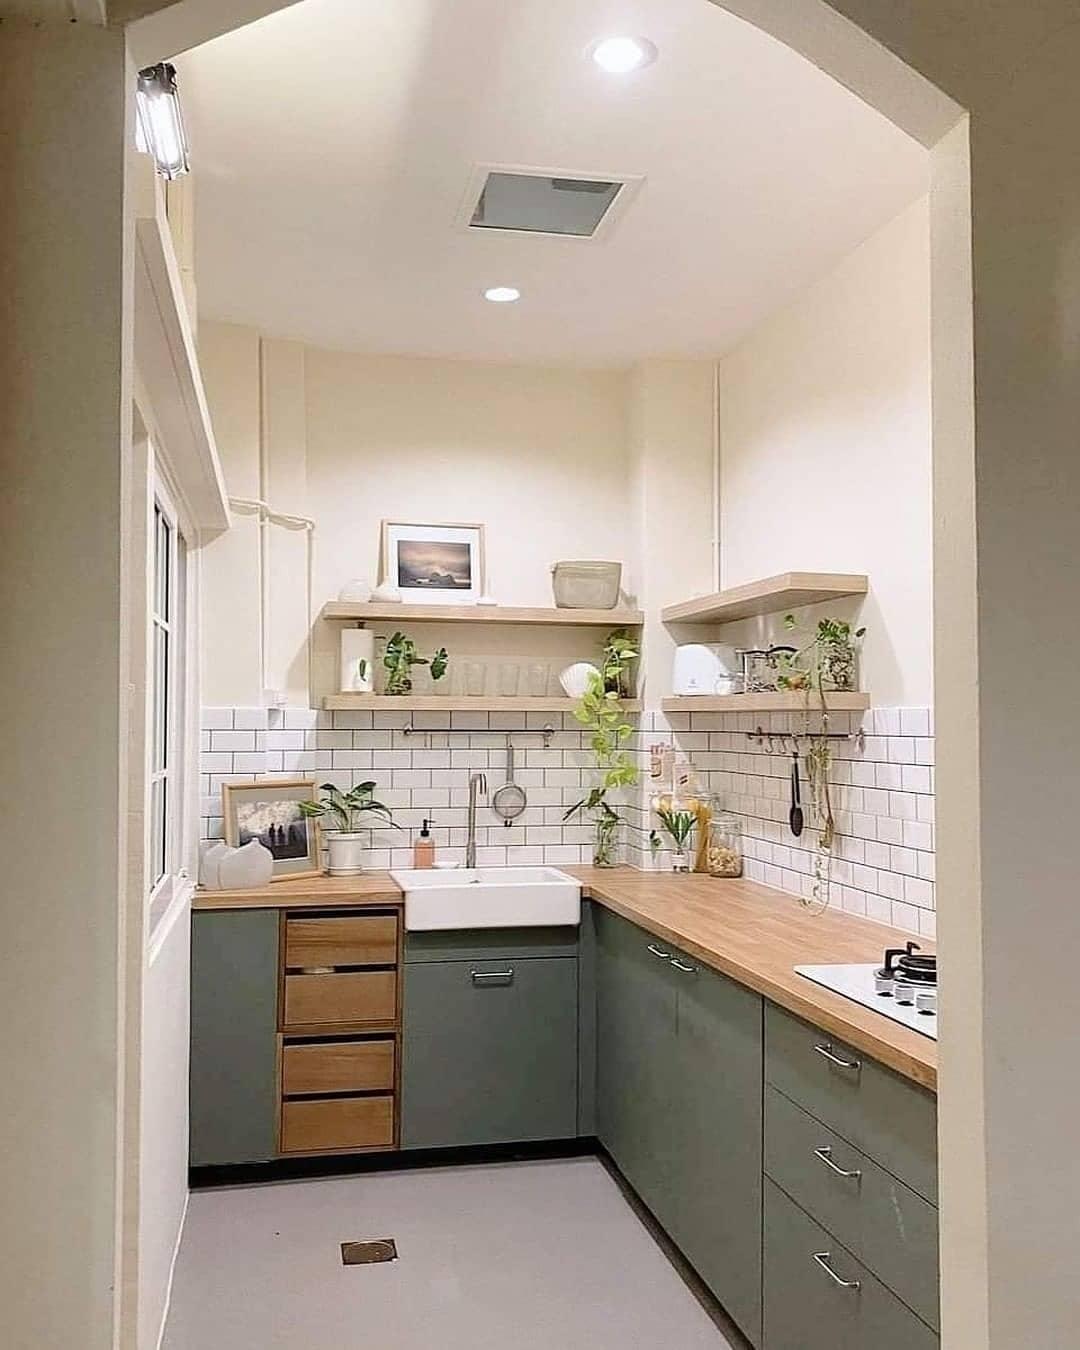 Desain Dapur Minimalis_6